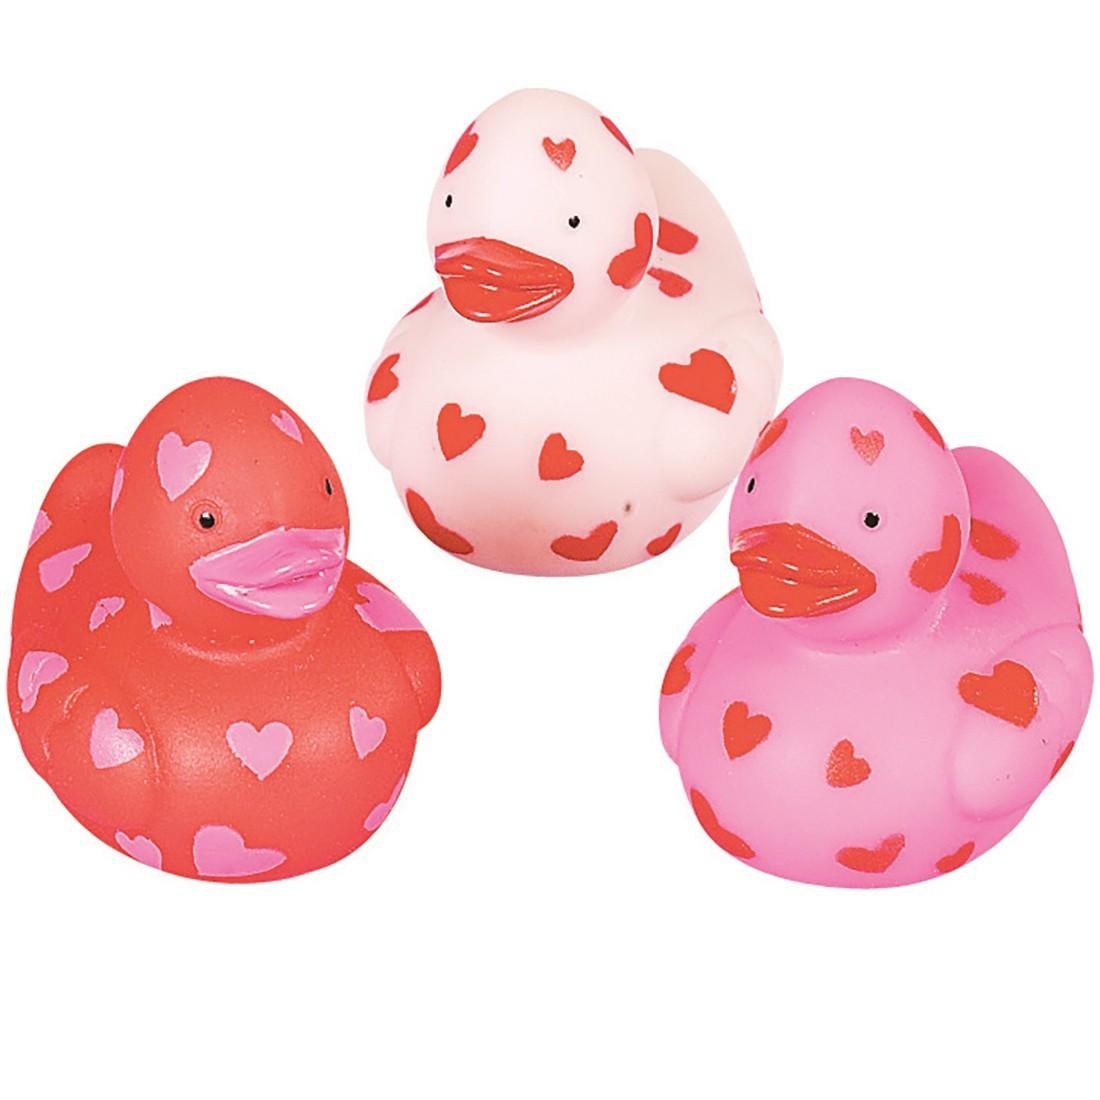 Valentine Heart Mini Rubber Ducks [image]